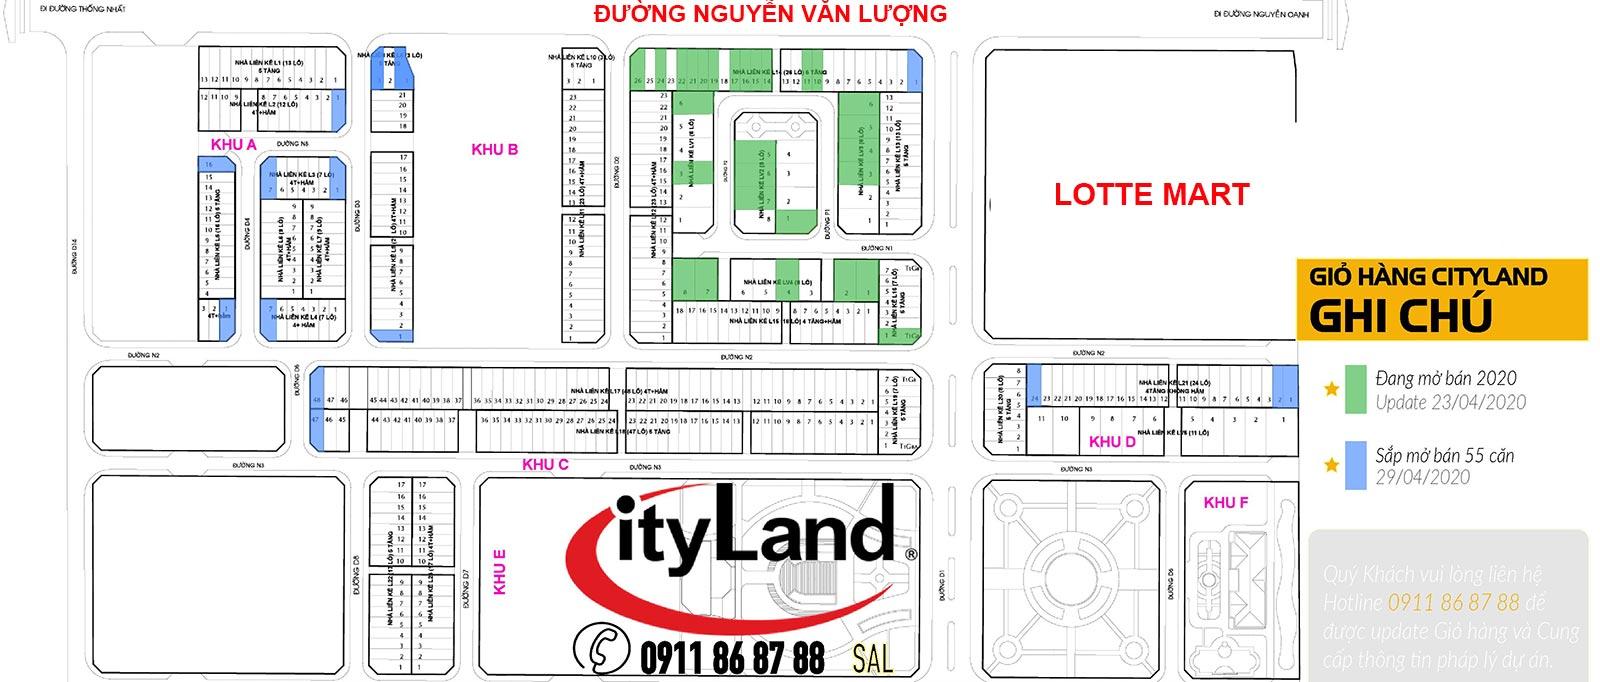 Gio hang 30 nha cityland mo ban 2020